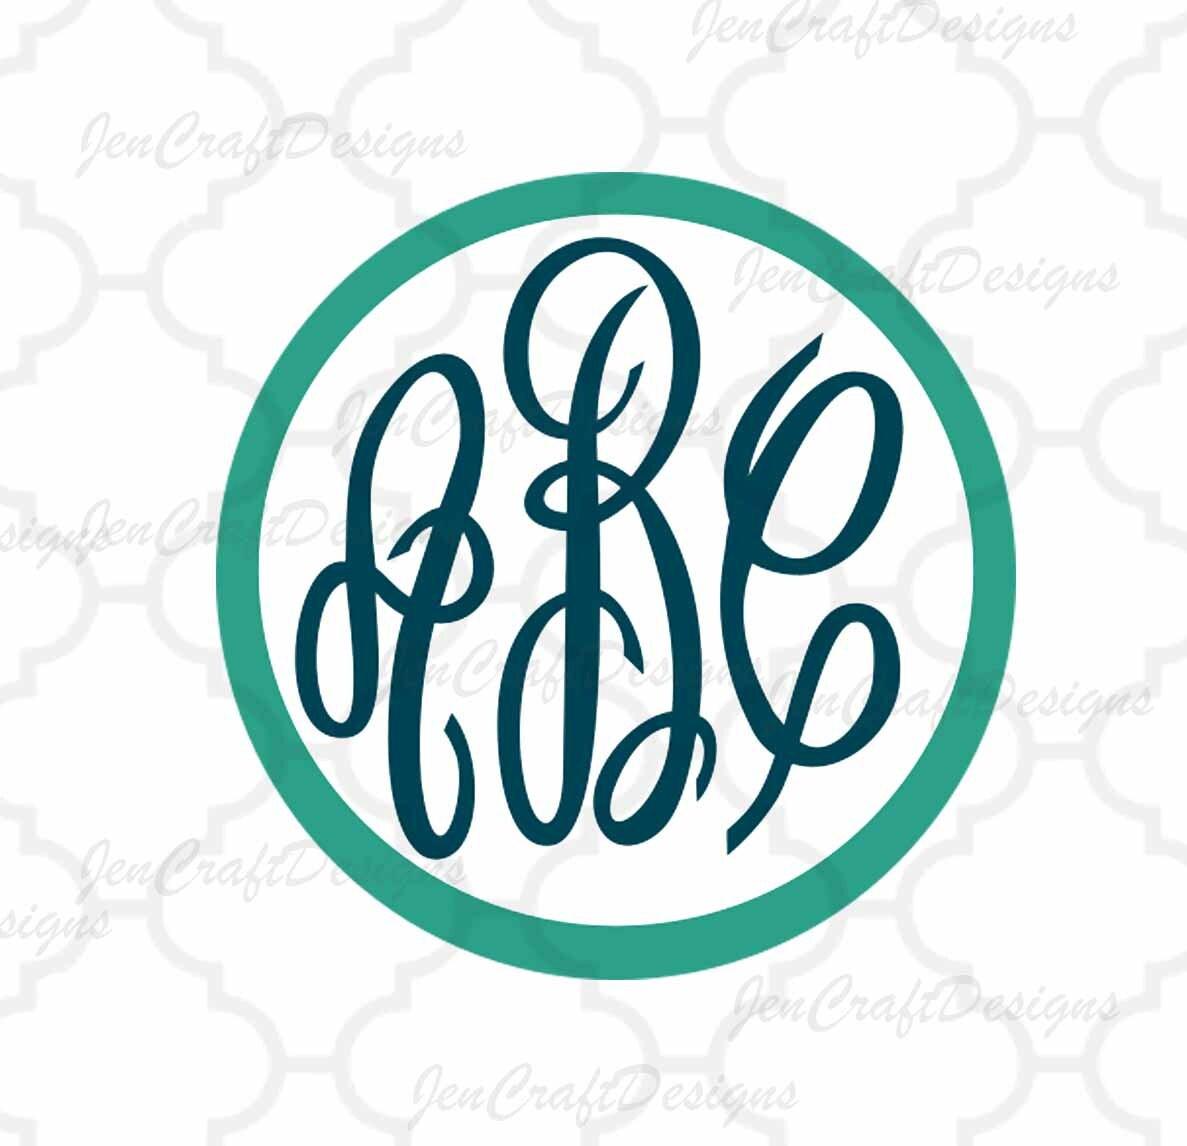 Download Master Circle Monogram font SVG , DXF, EPS, Jpg. Free ...